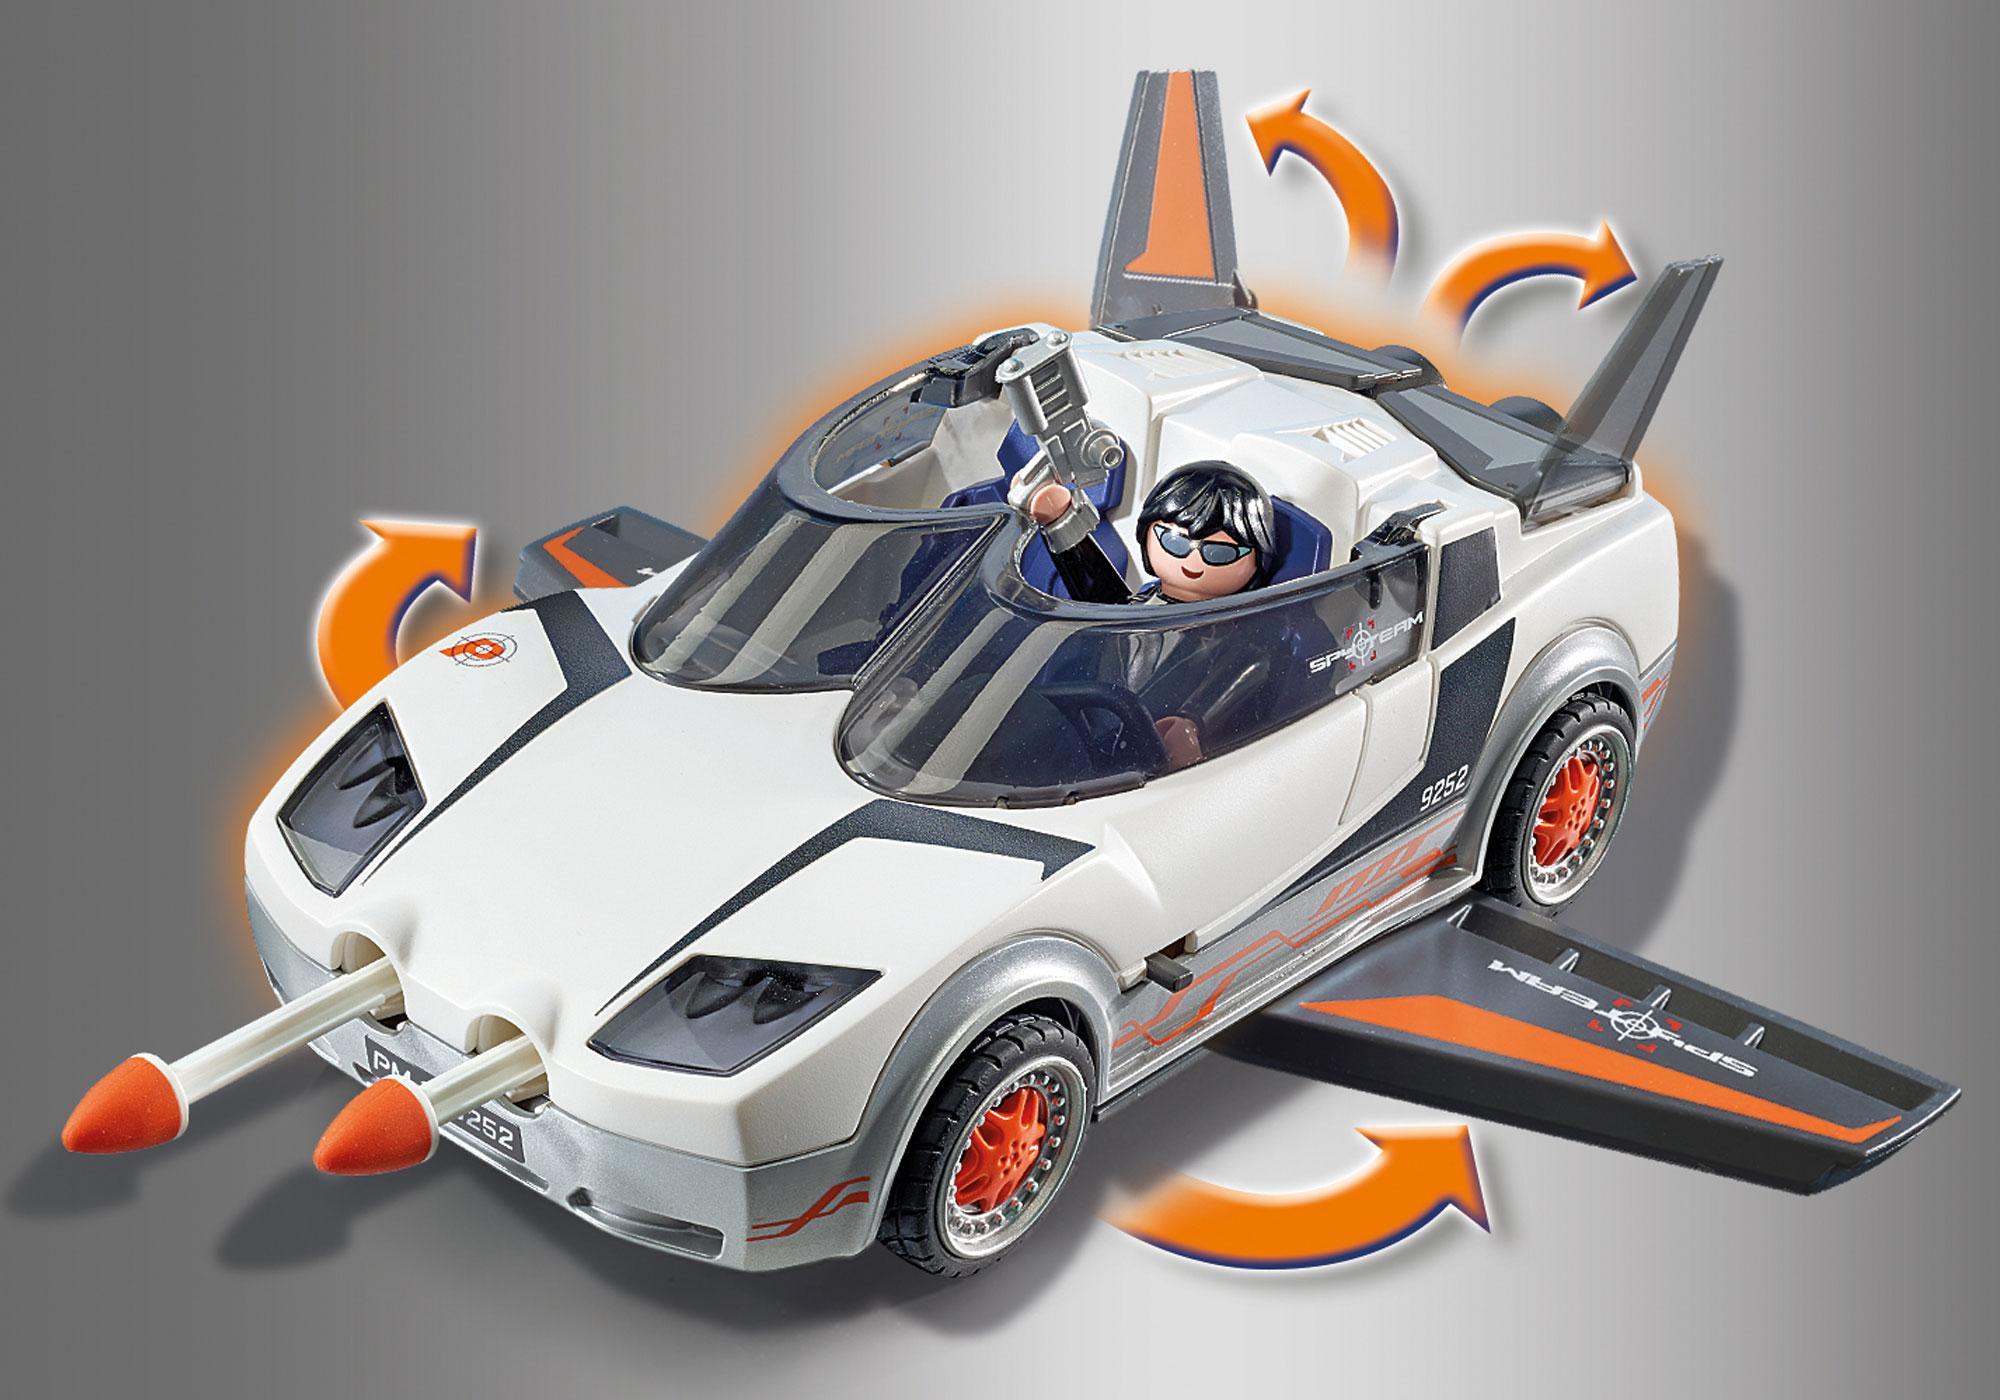 http://media.playmobil.com/i/playmobil/9252_product_extra2/Agente Secreto com Racer